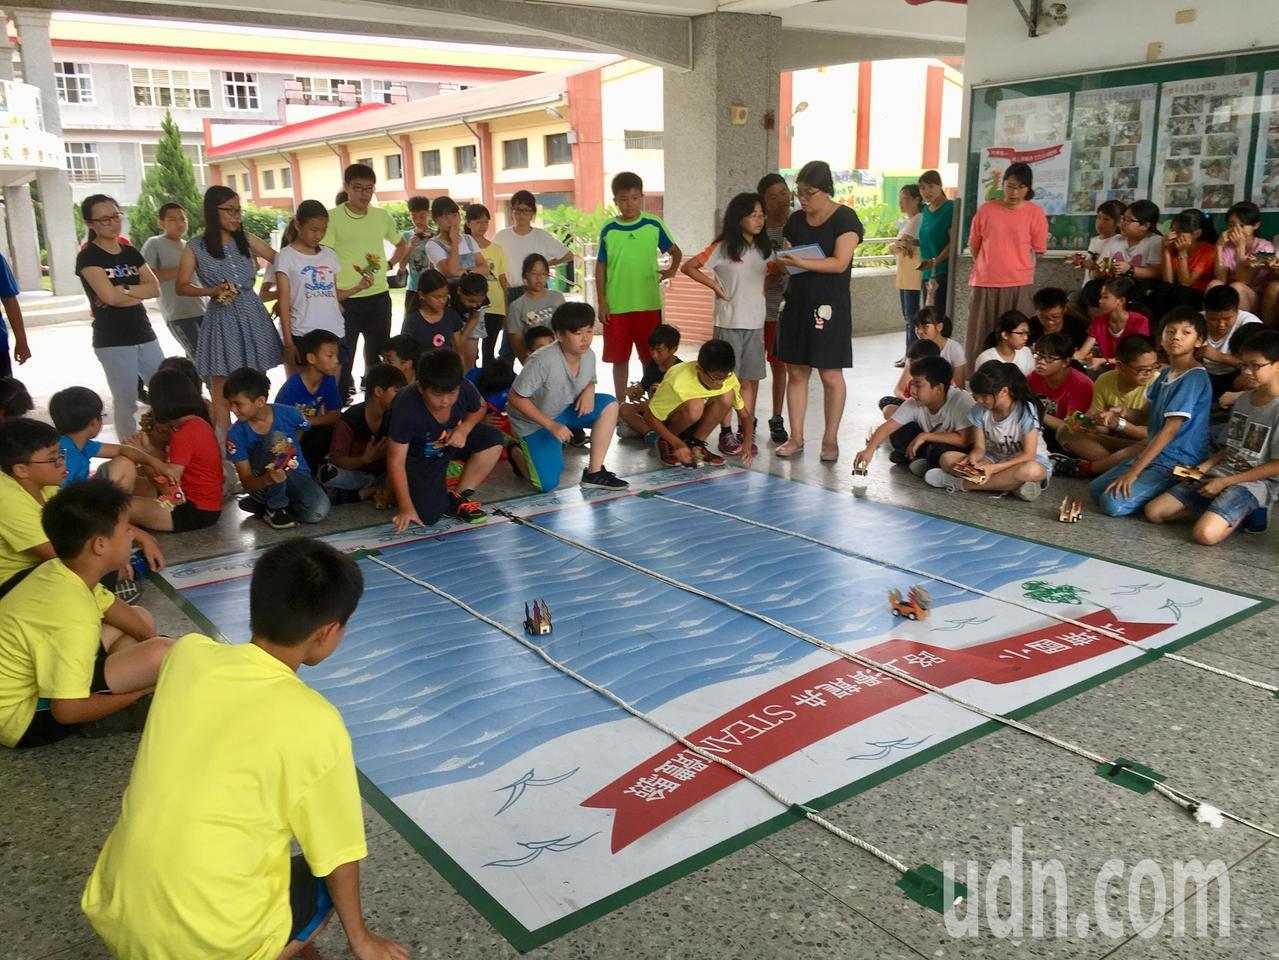 今天北埔國小舉辦第一屆「路上滑龍舟STEAM體驗賽」,參賽的小朋友專注的滑龍舟,...